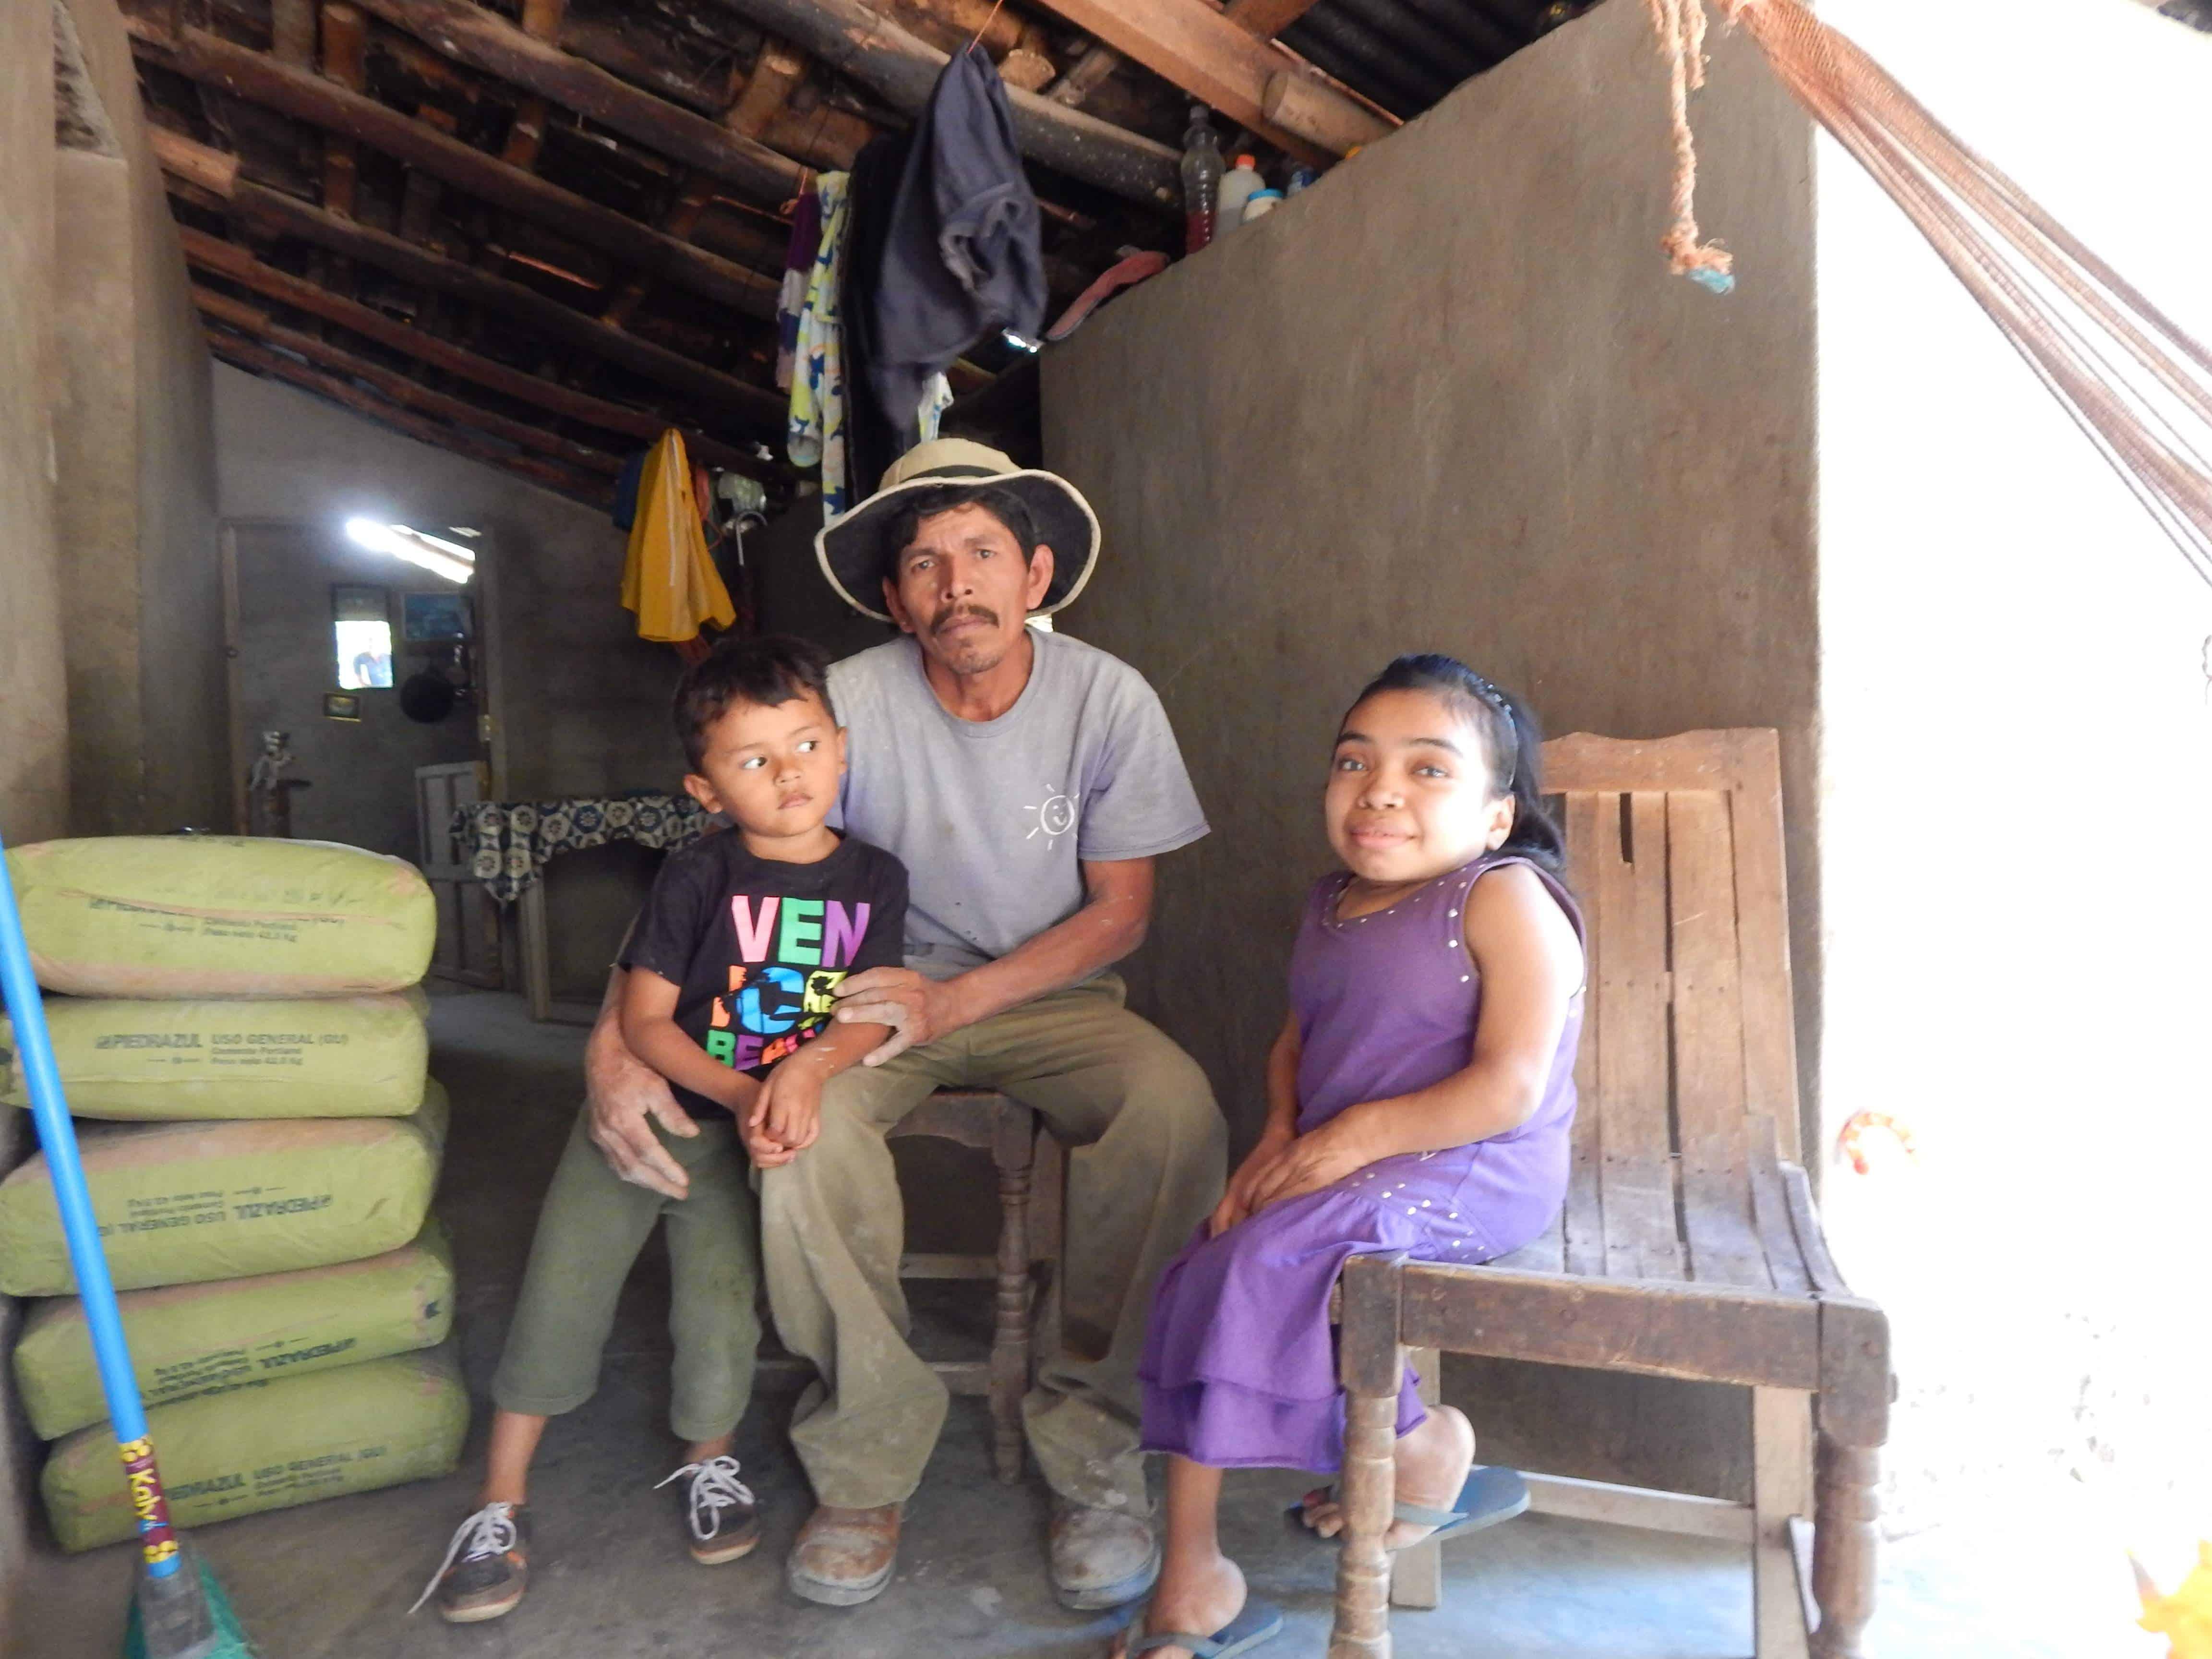 German, Daughter Iris, and Son Juan Carlos